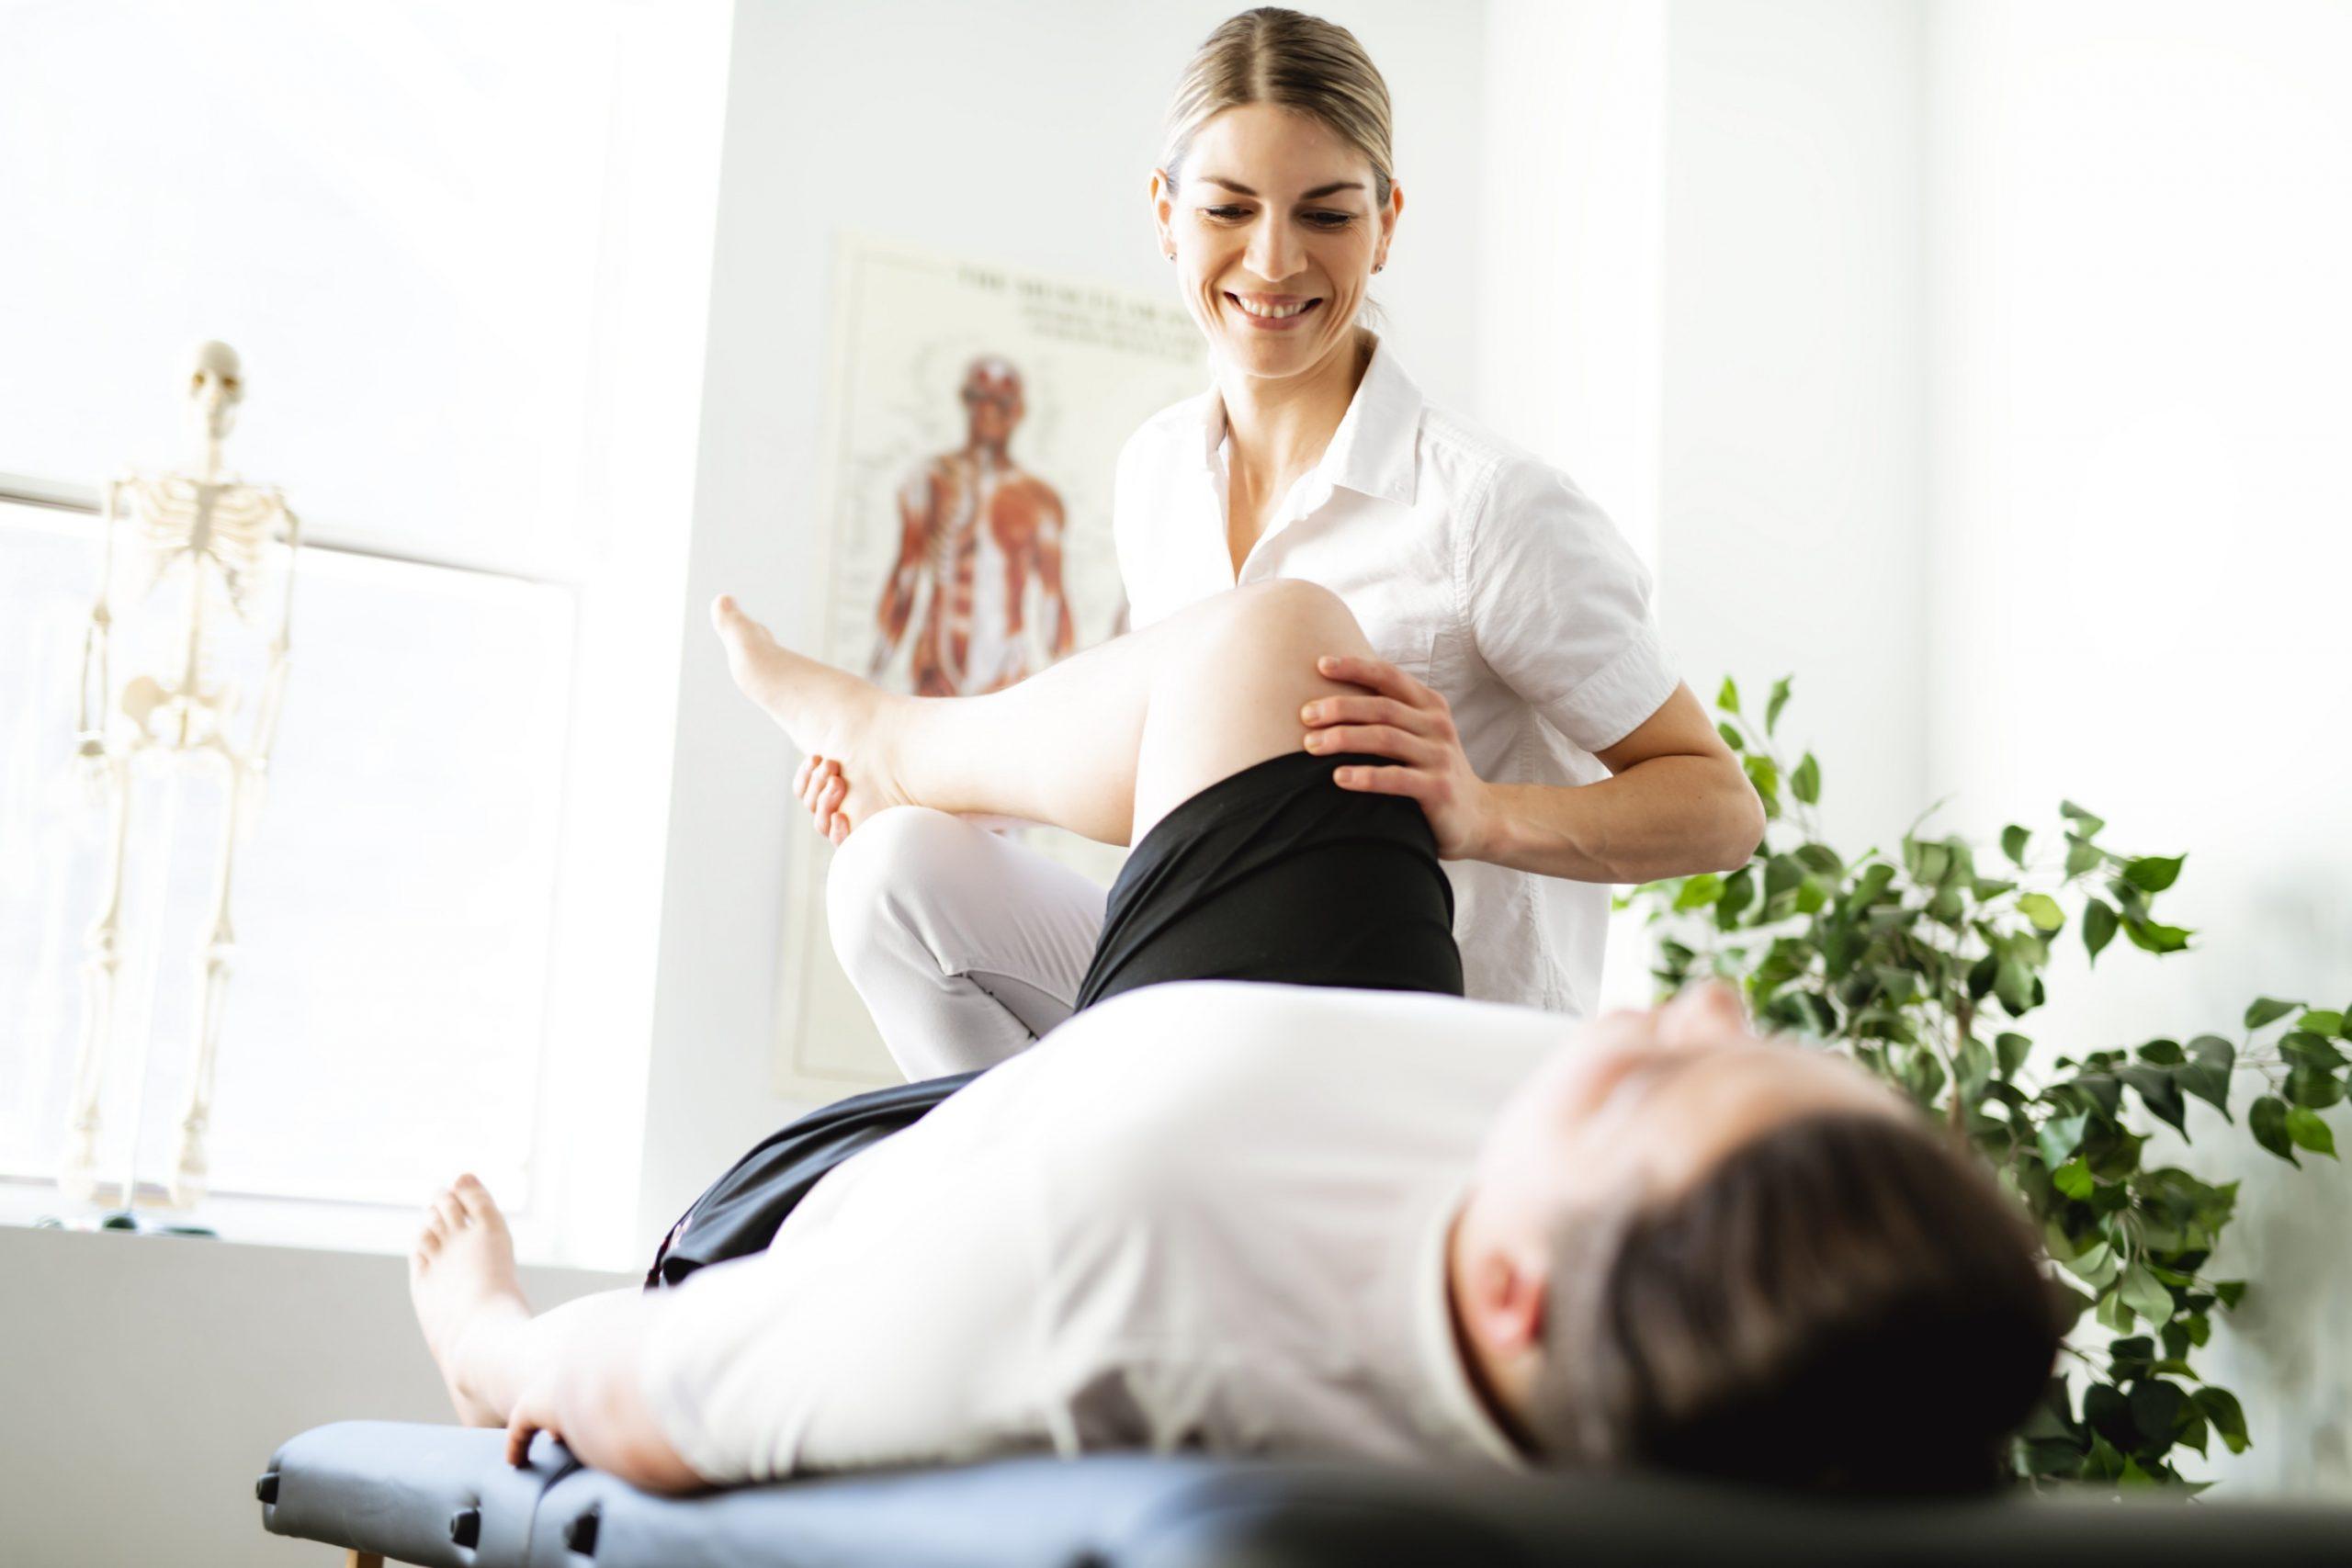 Qual é a importância da fisioterapia no tratamento das dores crônicas?